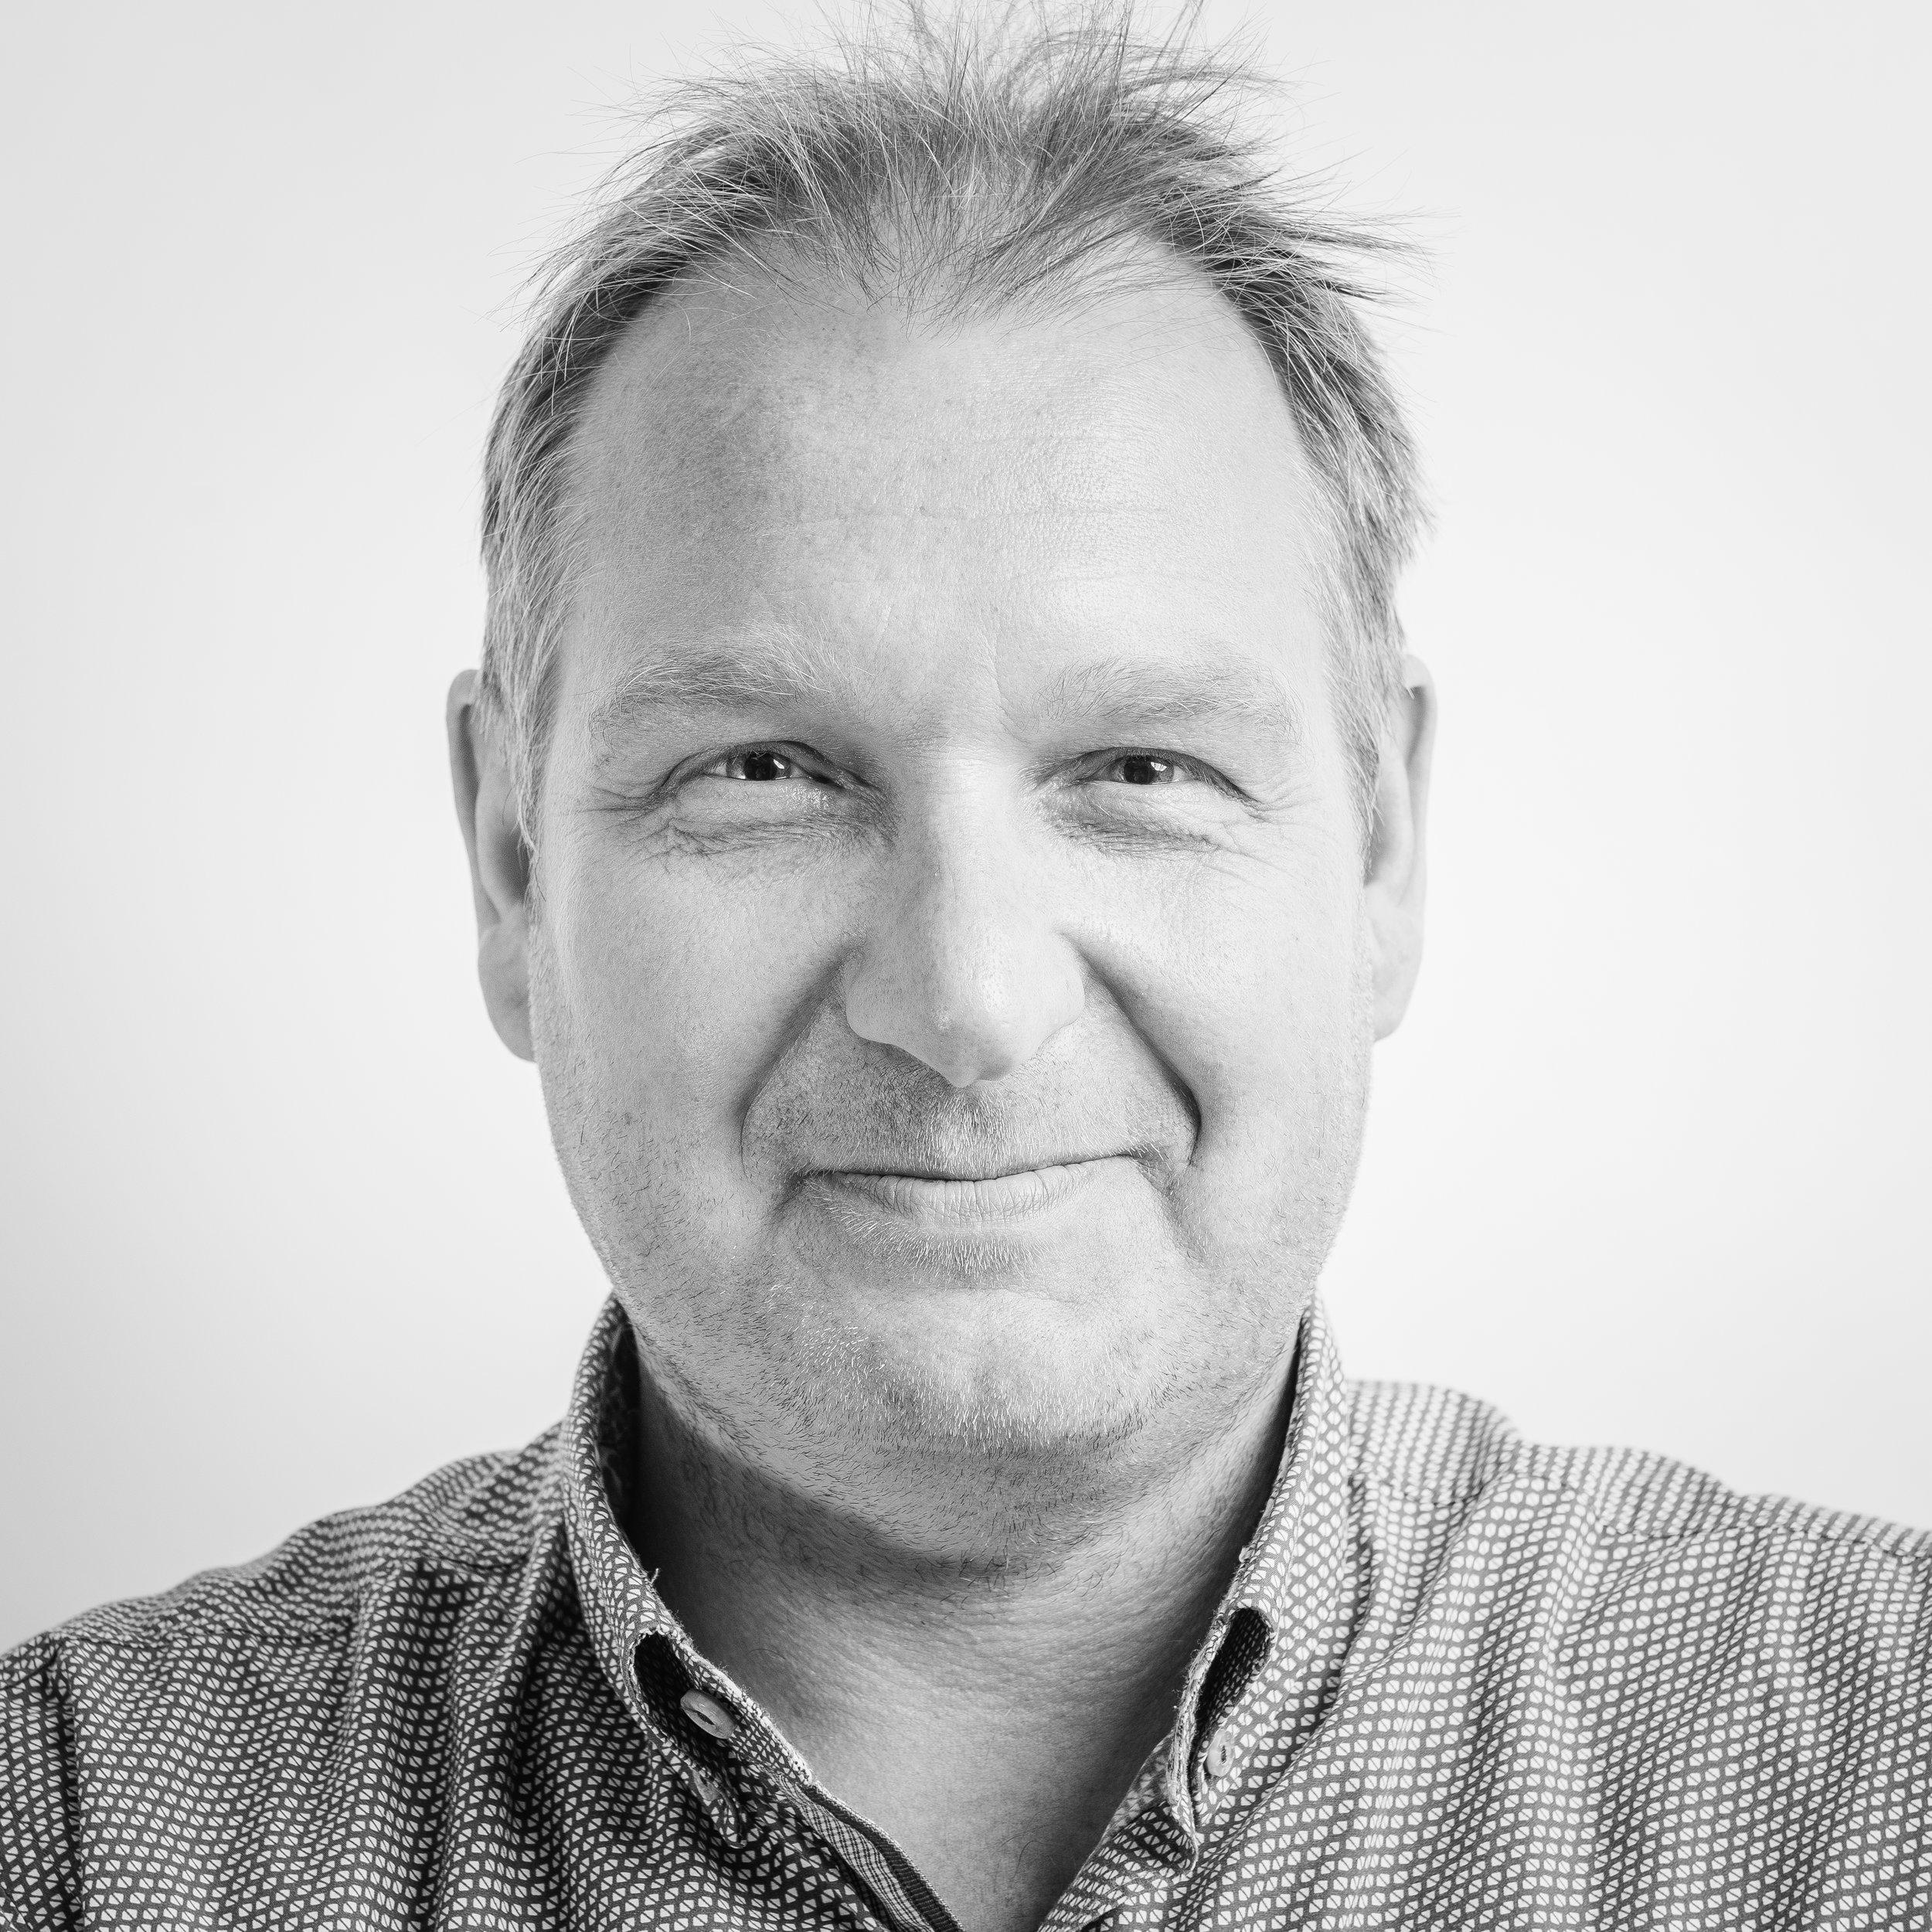 Jeroen Stephan  Directeur   jeroen@s-w.nl